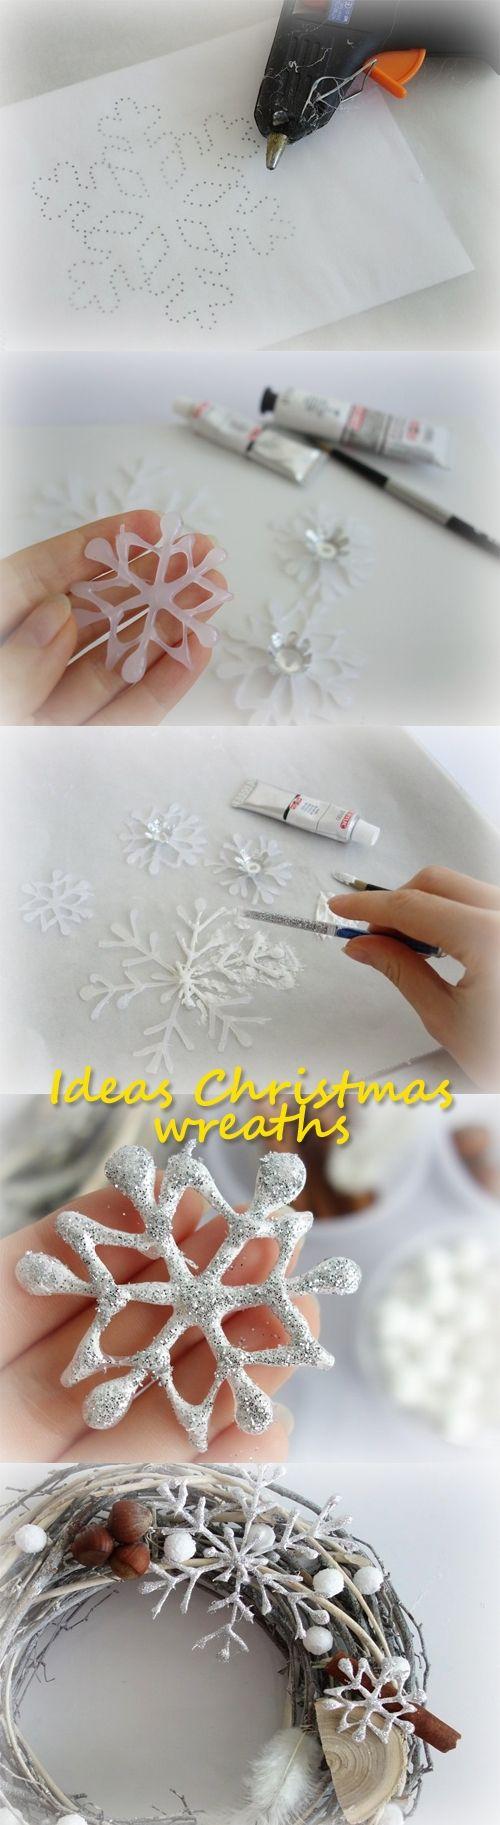 Ideas Christmas wreaths